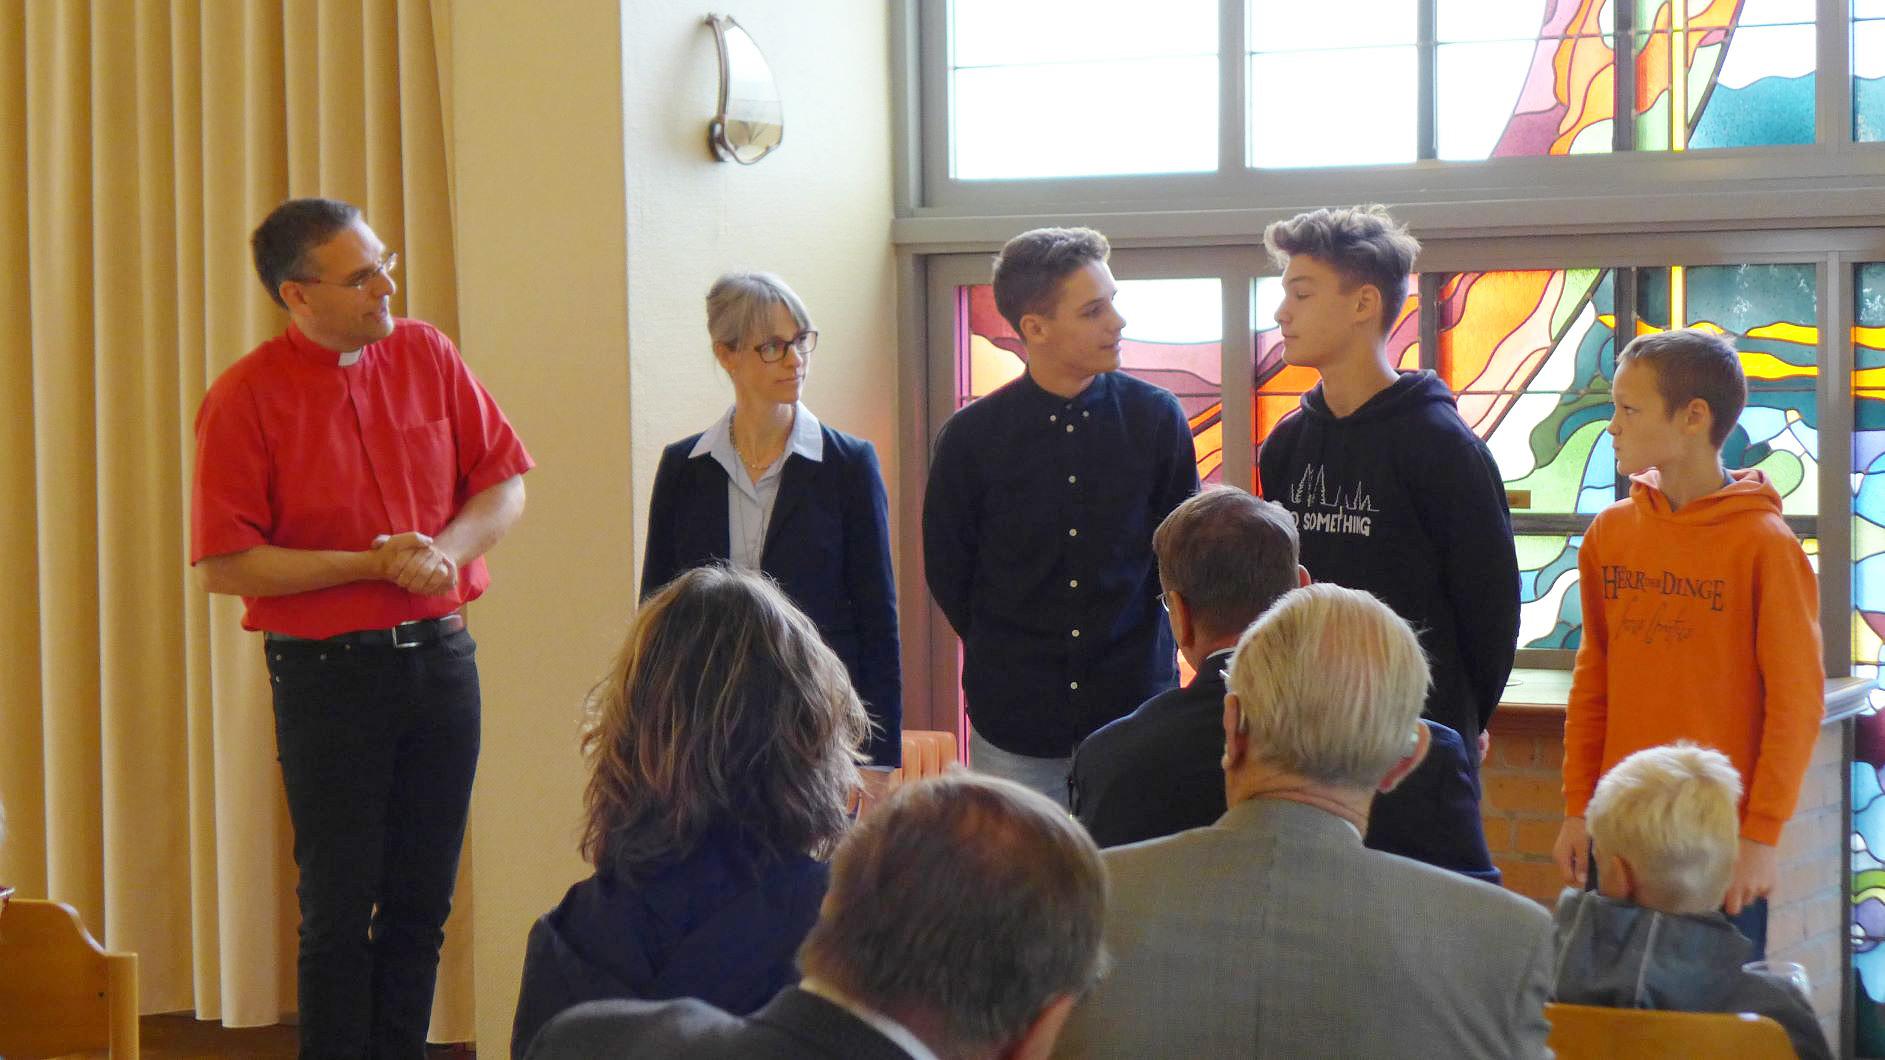 Familie Kautz stellt sich in Marienfliess vor - Zukunftswerkstatt Quellort Kloster Marienfliess